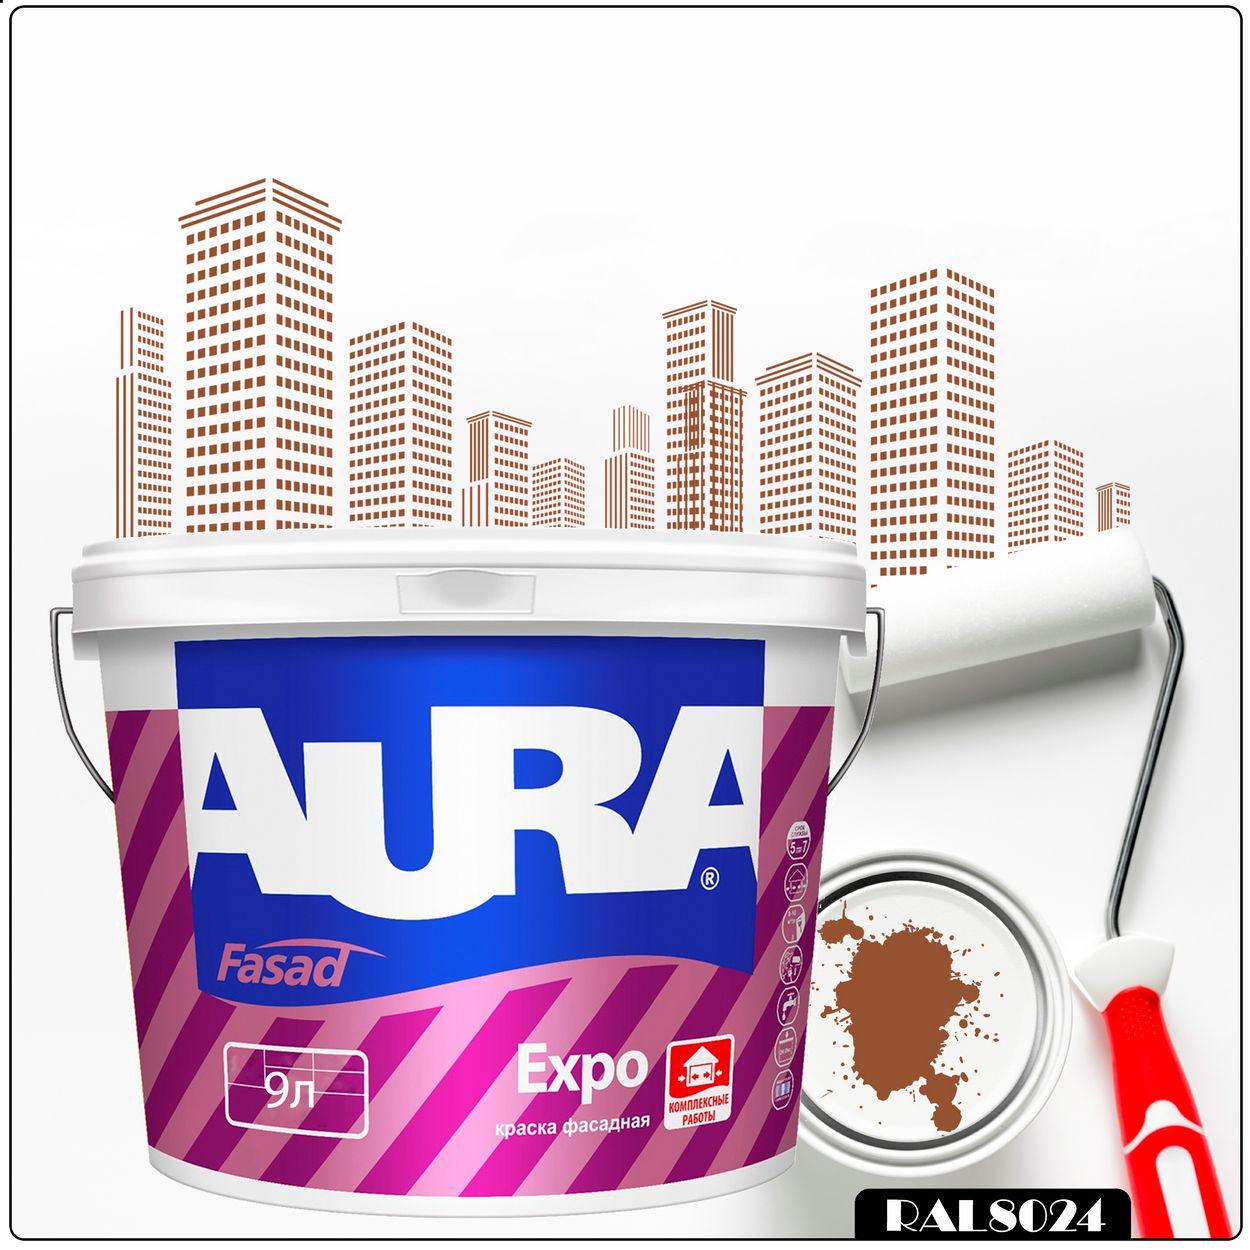 Фото 17 - Краска Aura Fasad Expo, RAL 8024 Бежево-коричневый, матовая, для фасадов и помещений с повышенной влажностью, 9л.